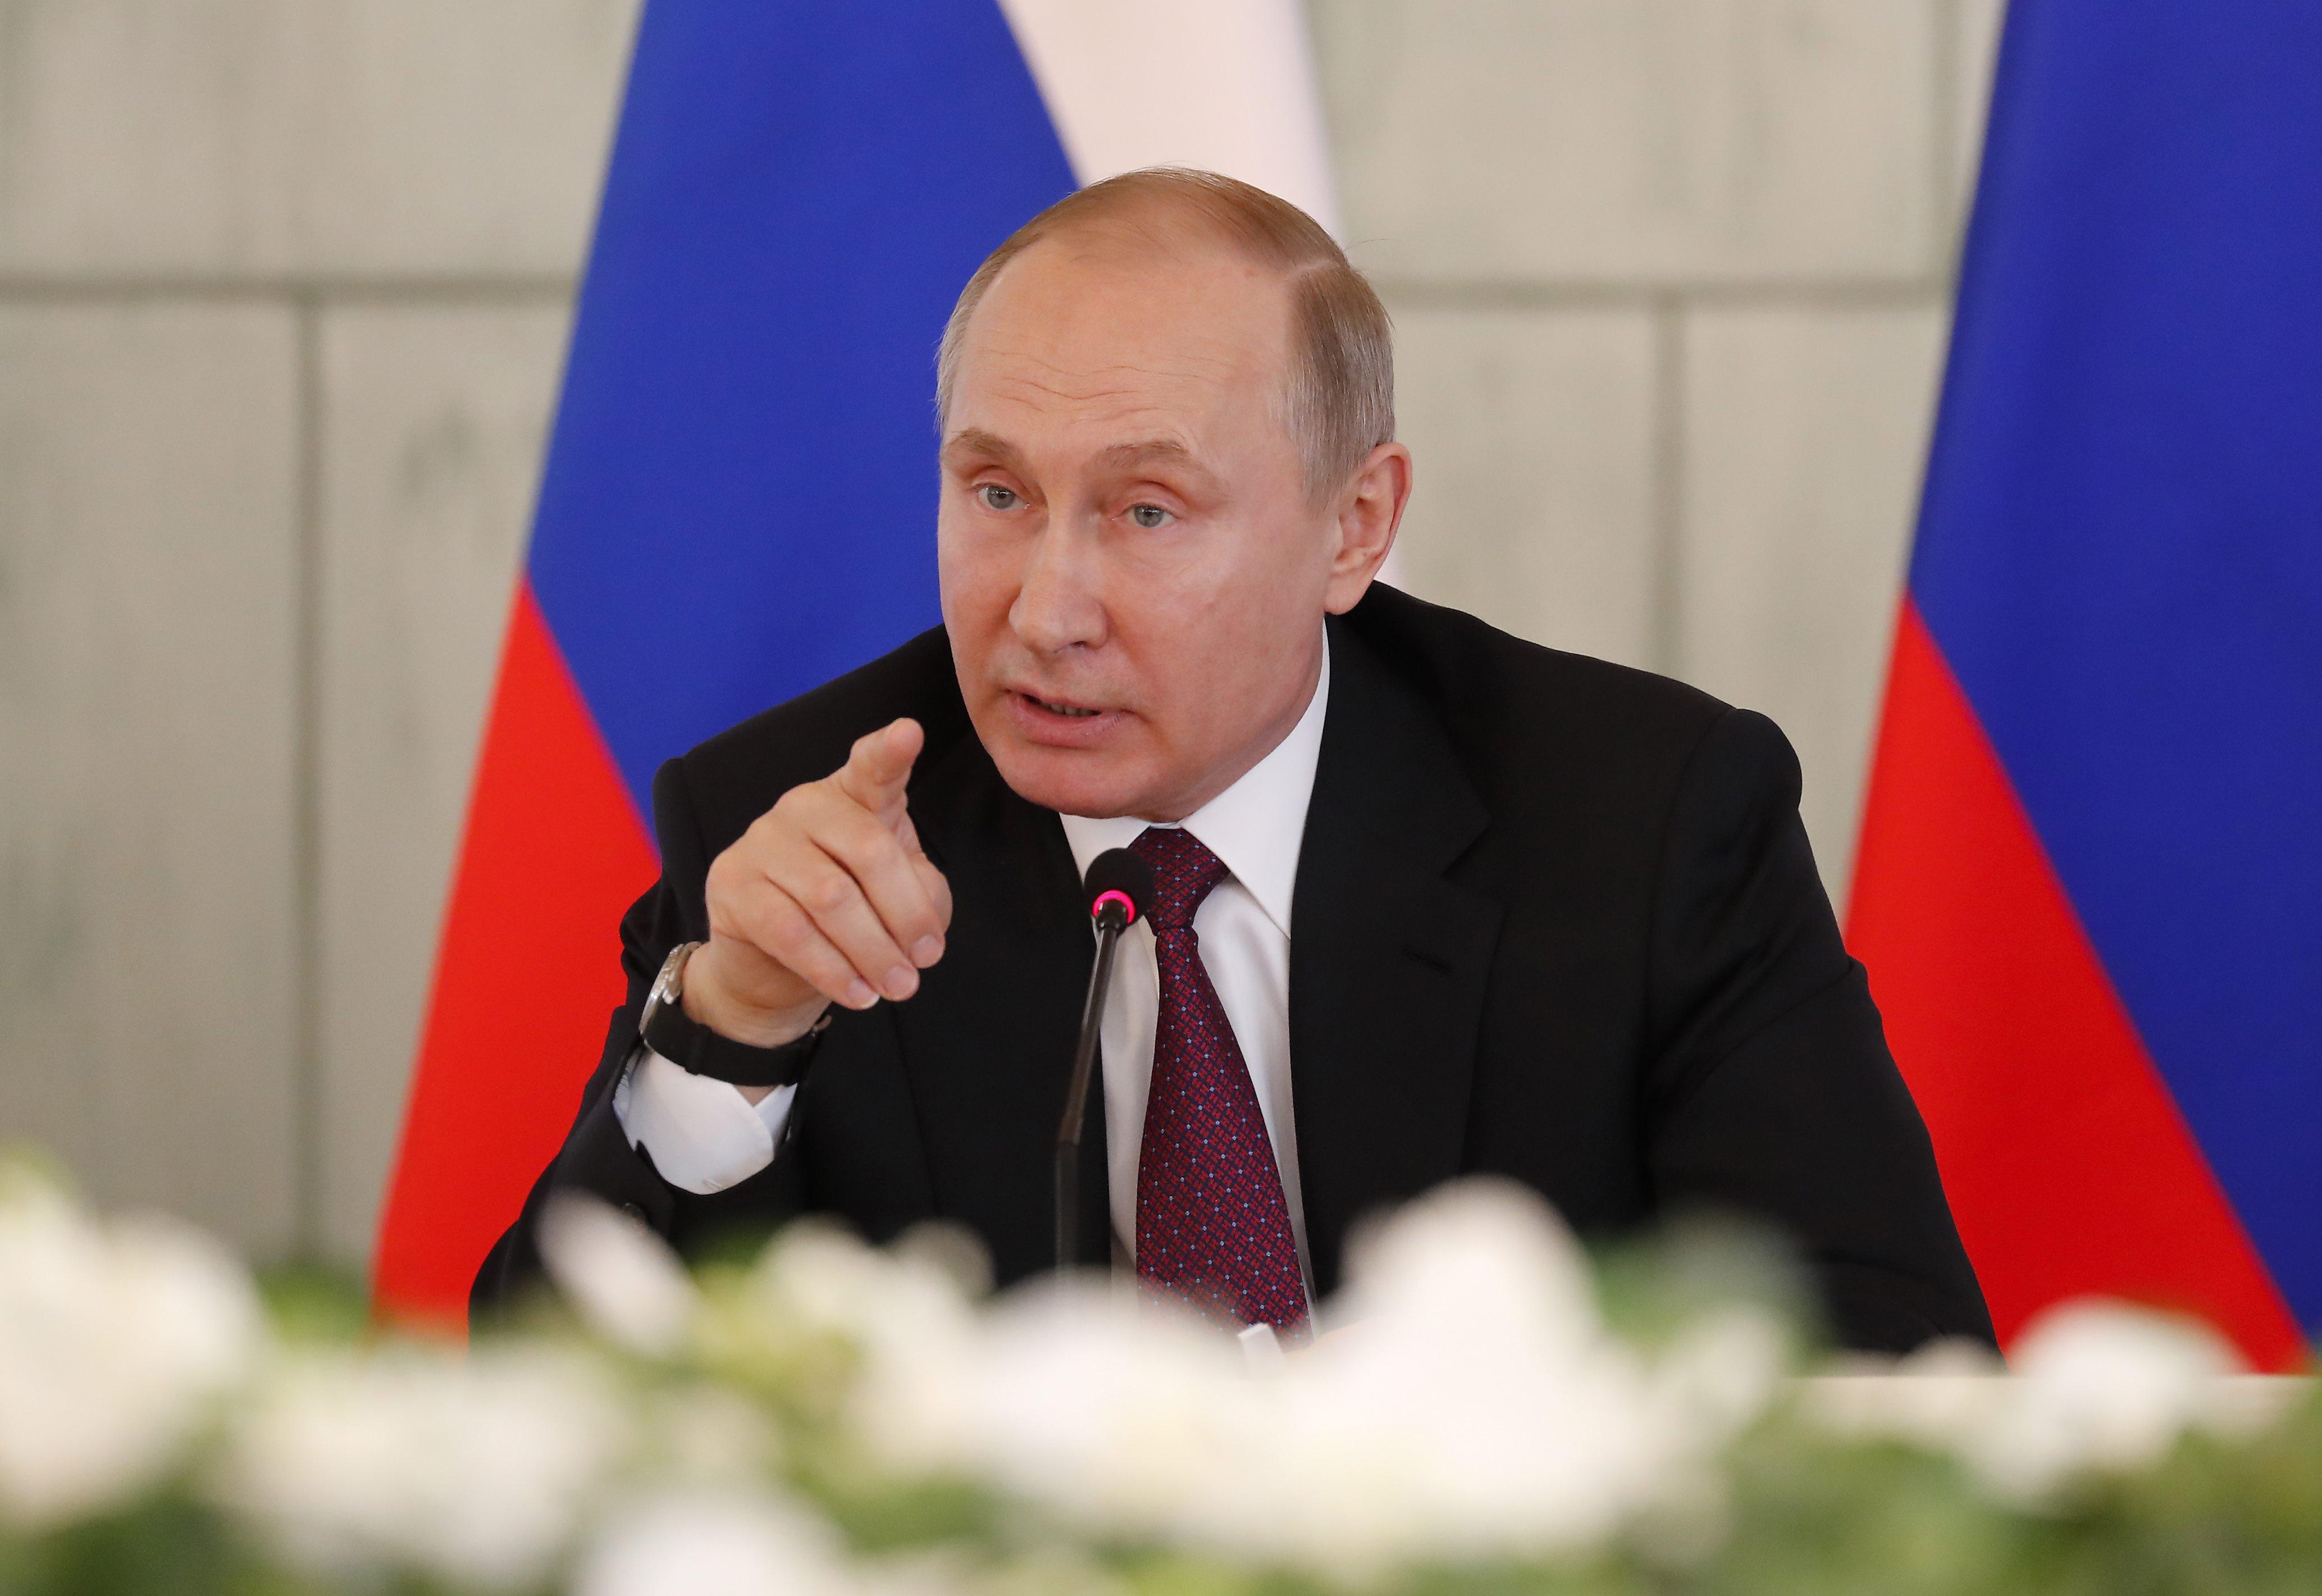 Гексоген, взрывая дома, сделал Владимира Путина президентом, отметил эксперт